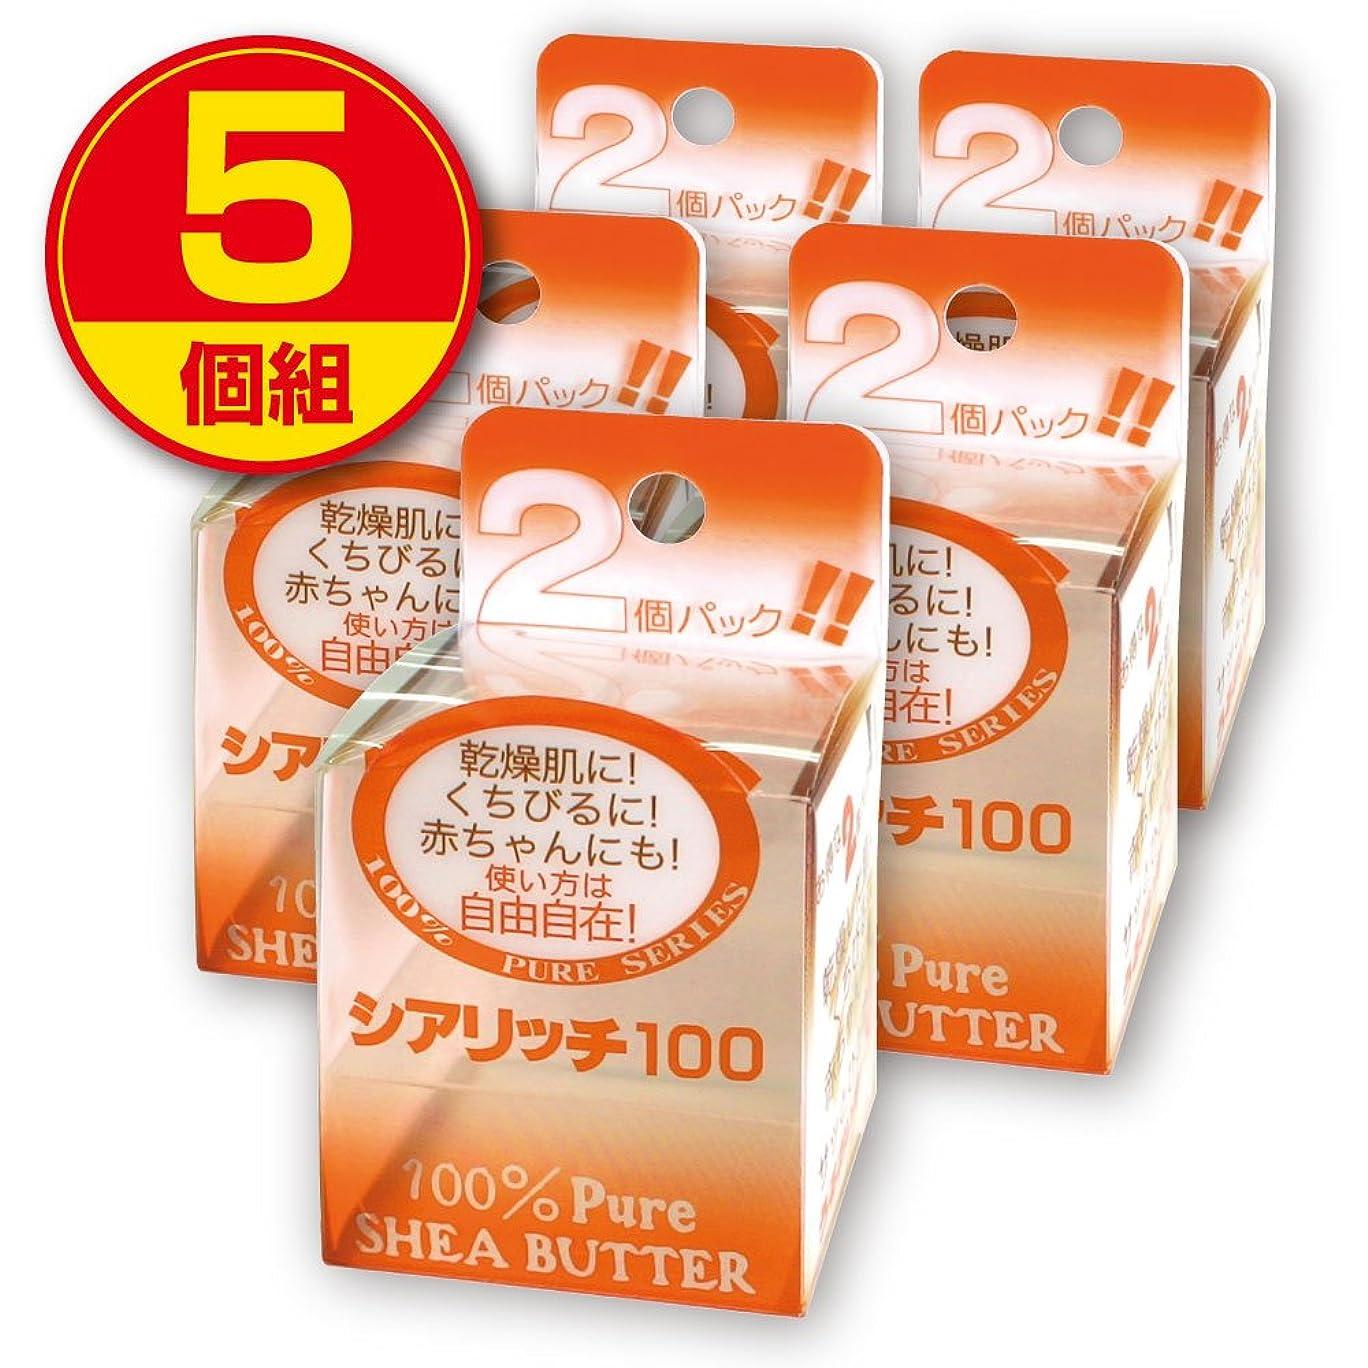 契約ピストン百万日本天然物研究所 シアリッチ100 (8g×2個入り)【5個組】(無添加100%シアバター)無香料